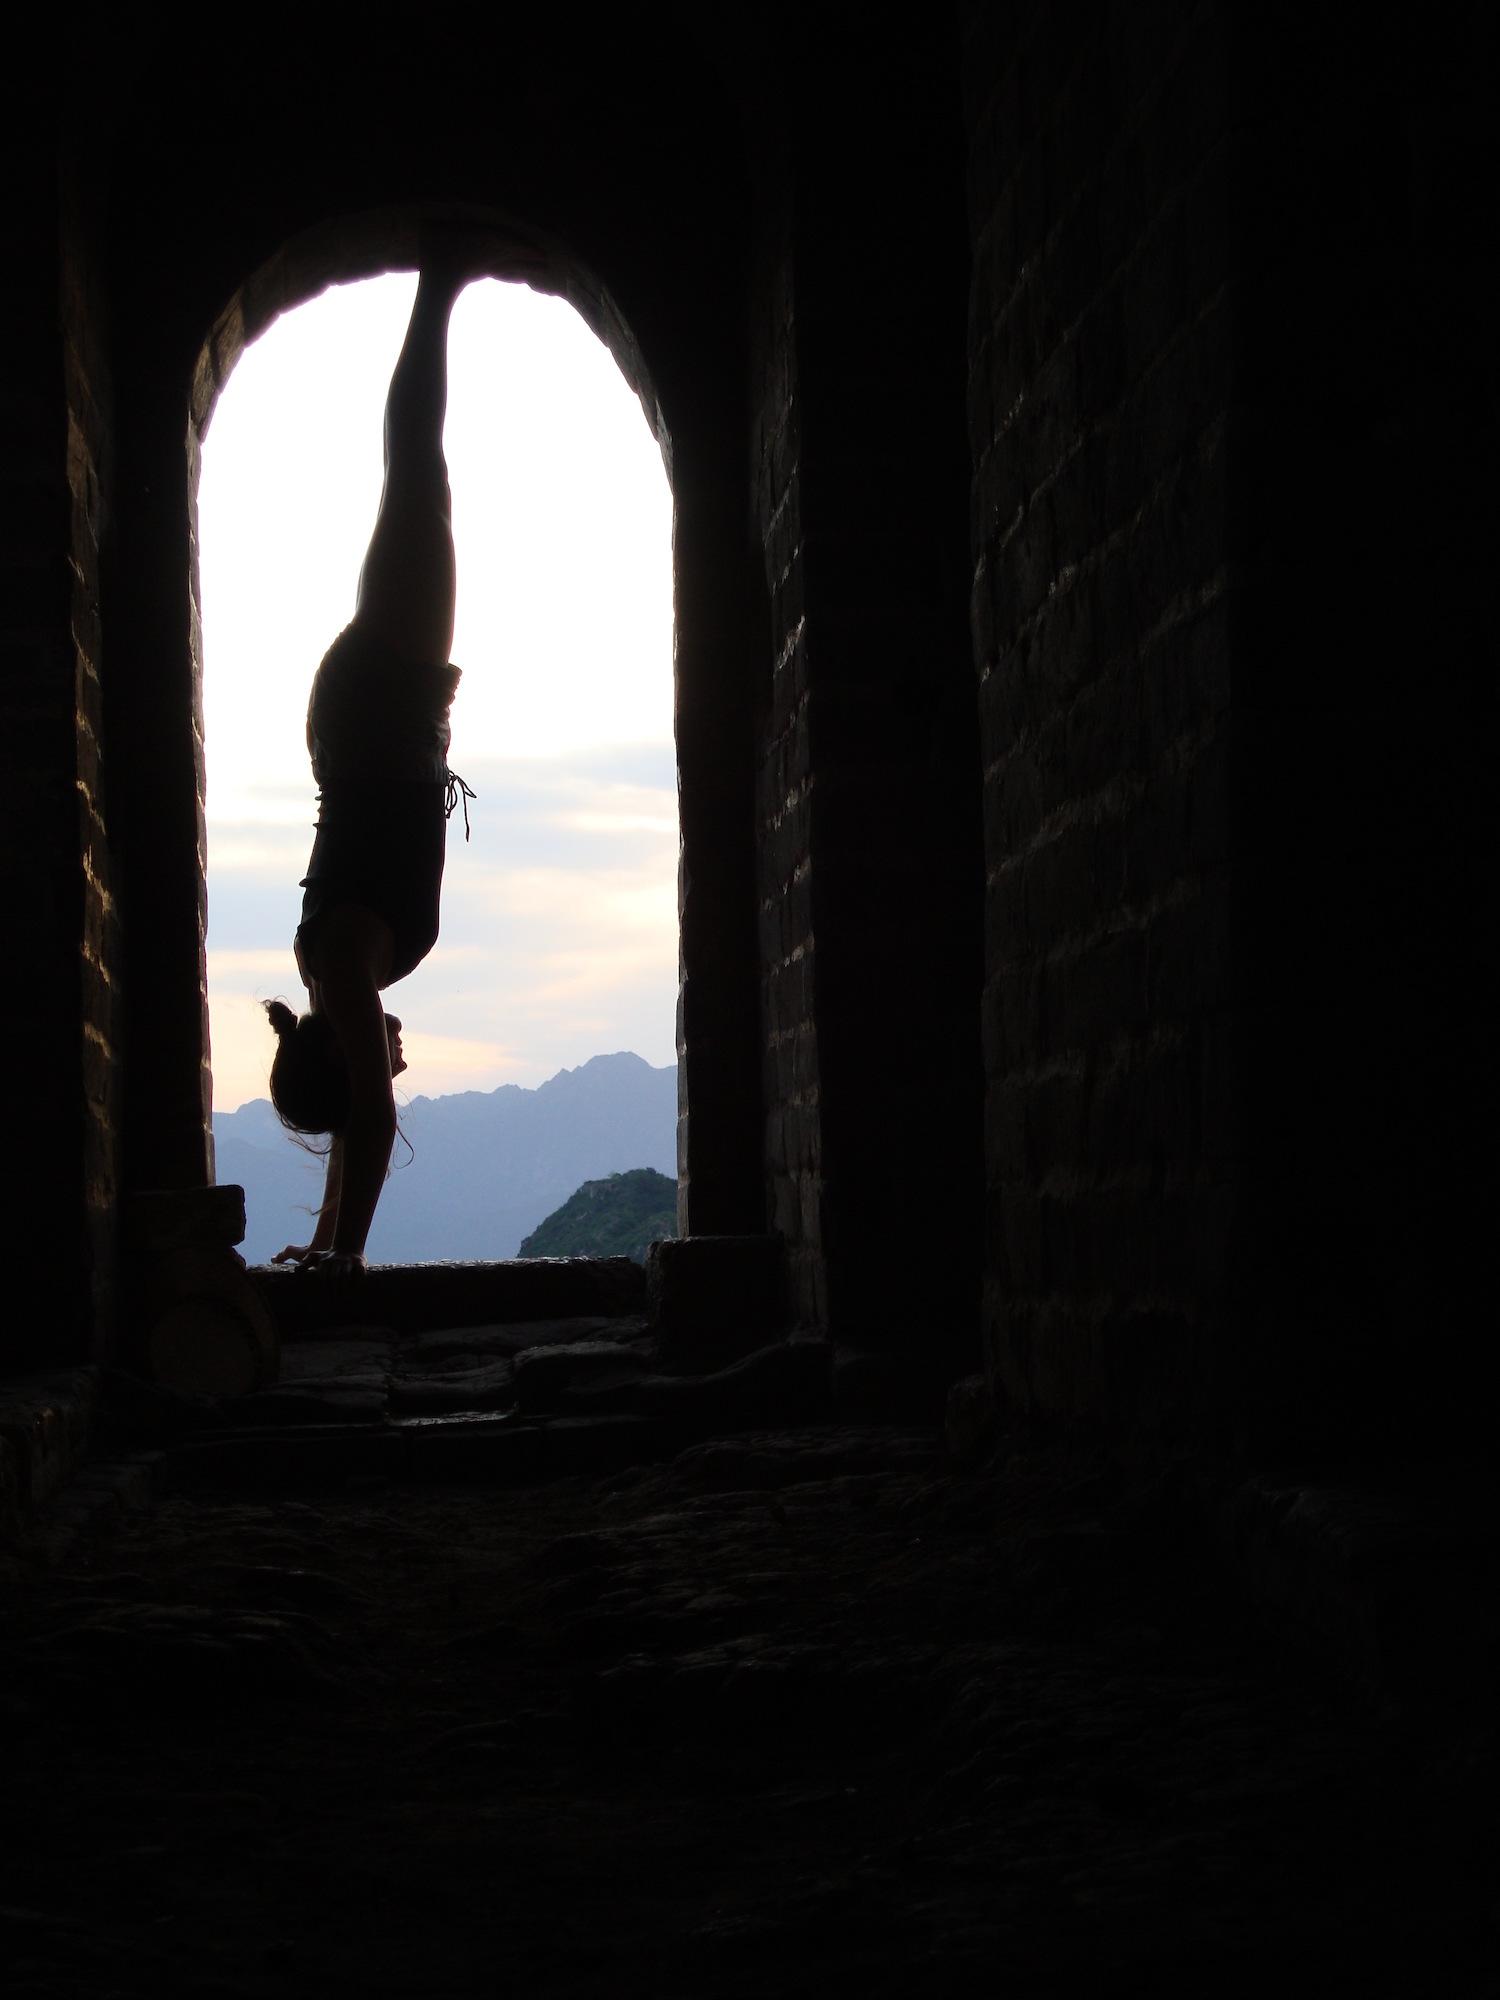 Simatai, Great Wall of China [24.05.12]